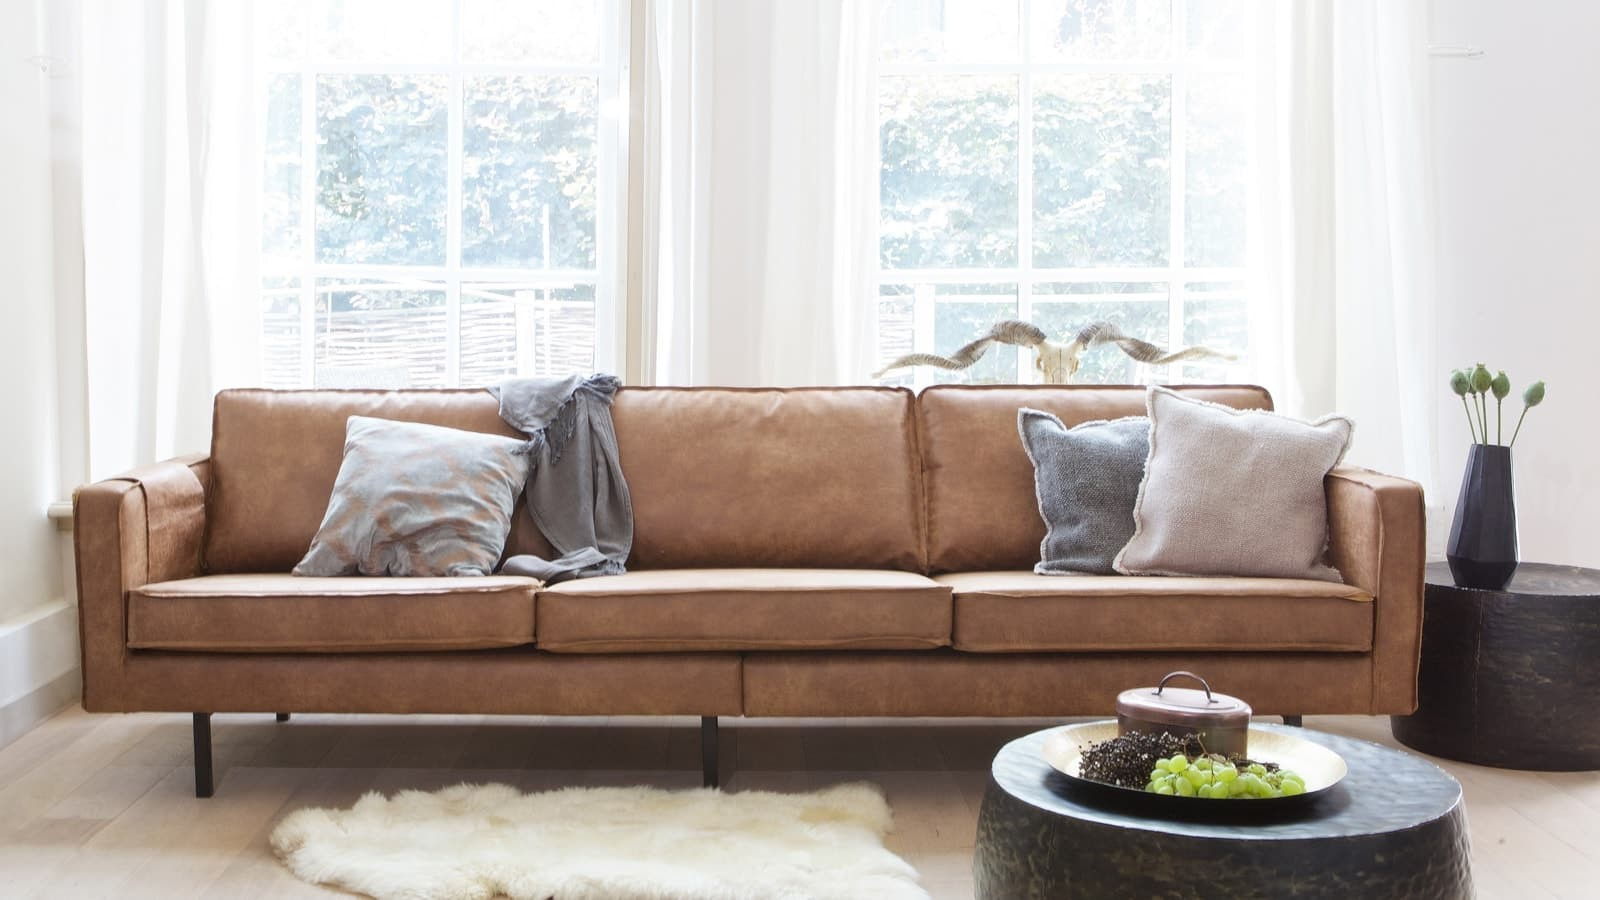 Choisir Un Canapé Densité comment choisir son canapé ? homifab vous dit tout ! - actualité